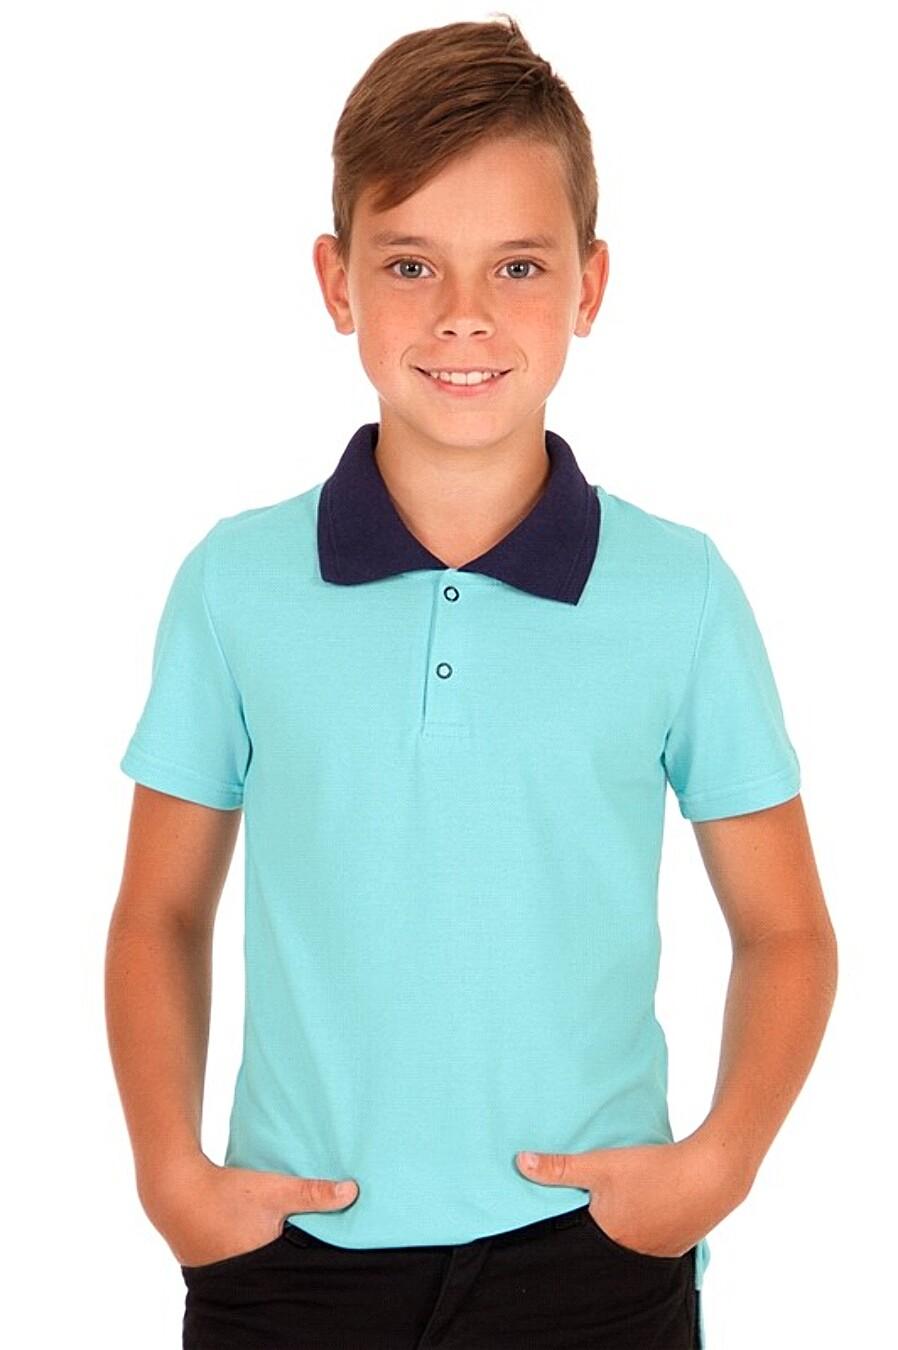 Футболка  для мальчиков Archi 334883 купить оптом от производителя. Совместная покупка детской одежды в OptMoyo